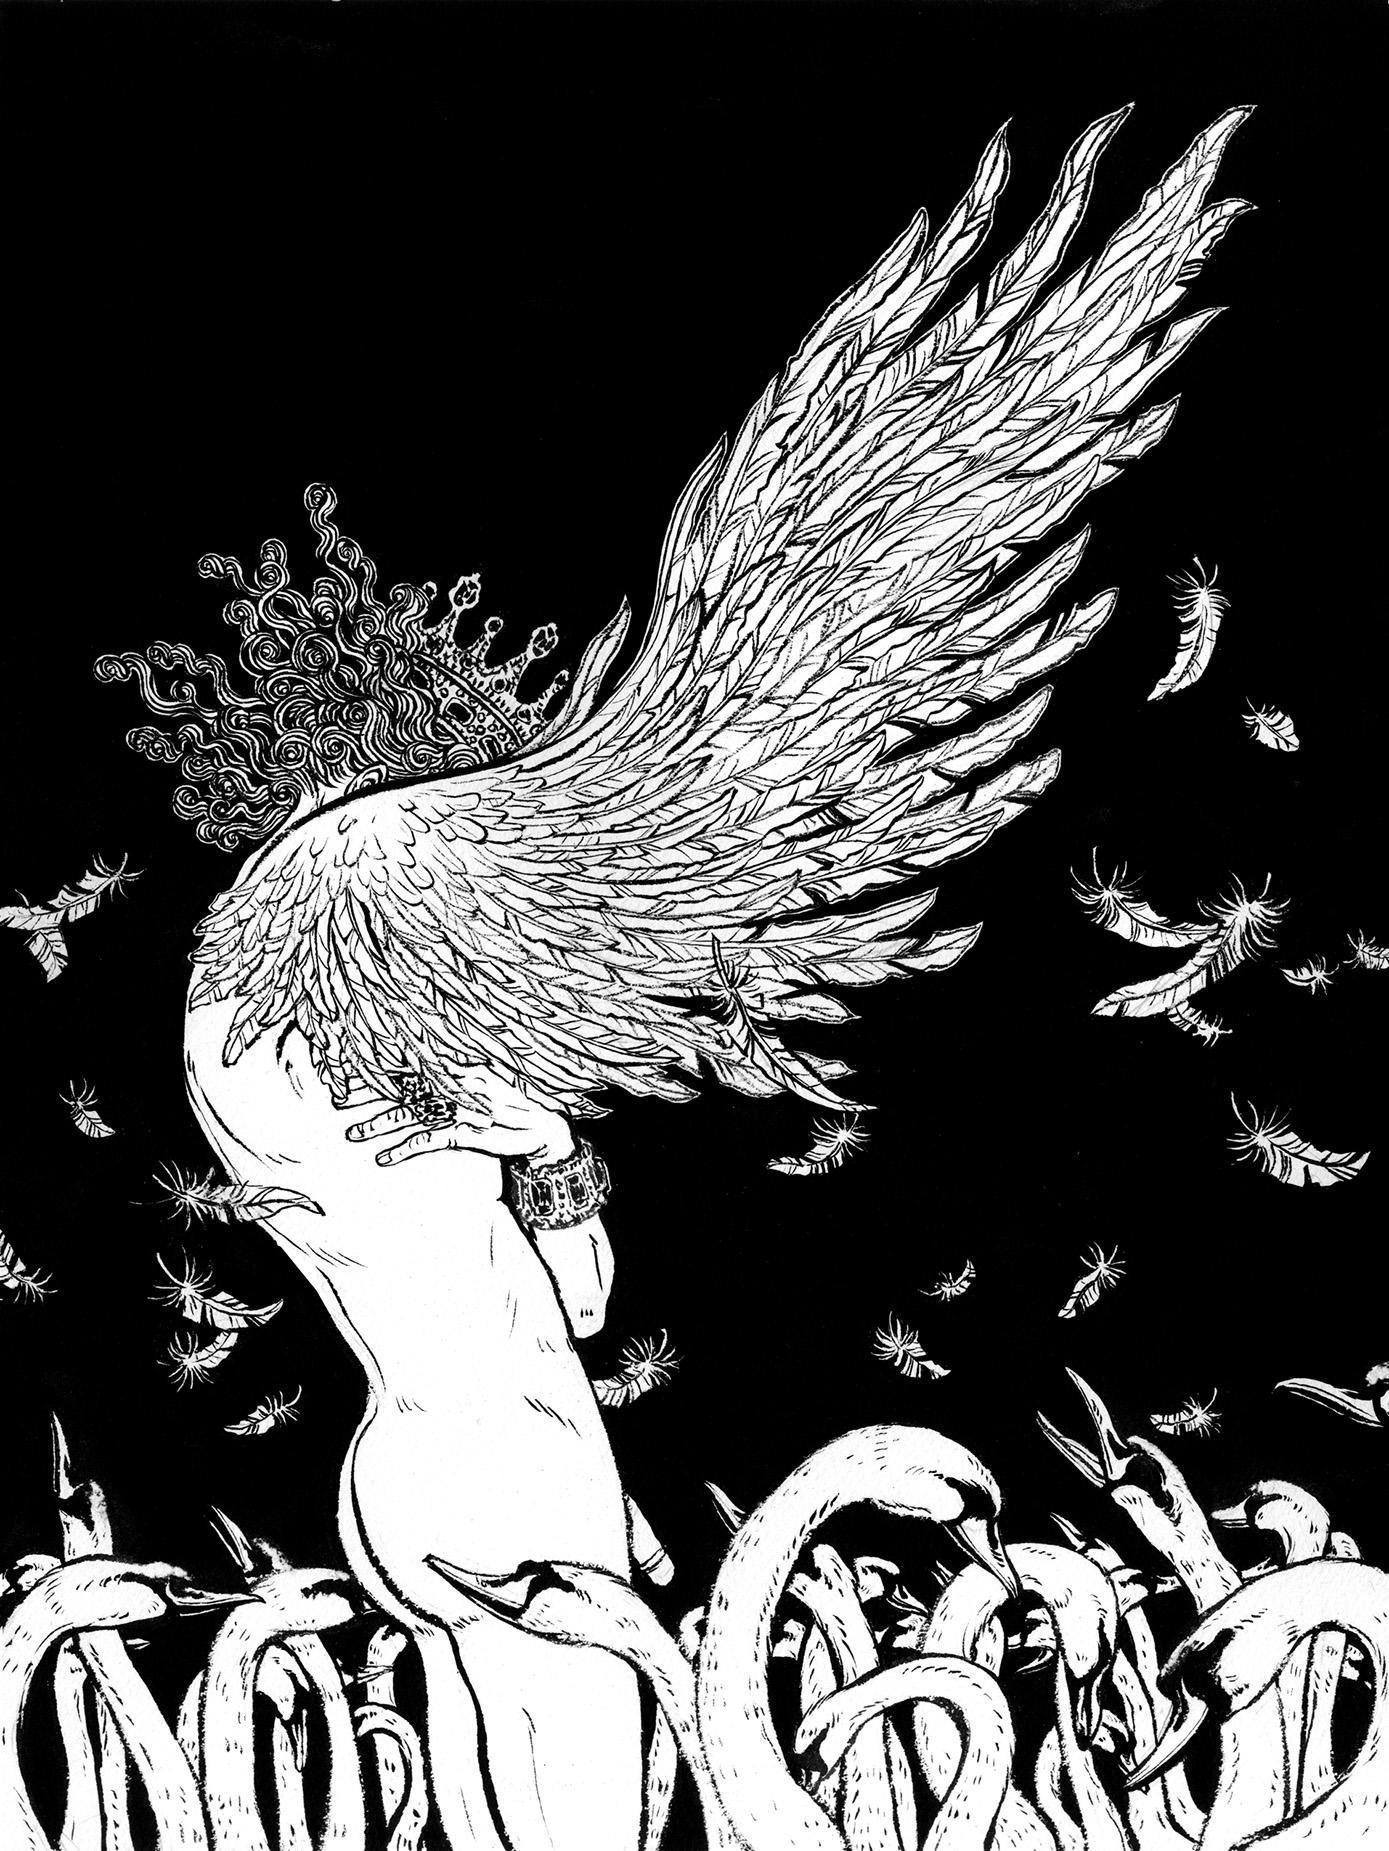 A Wild Swan © 2015 Yuko Shimizu